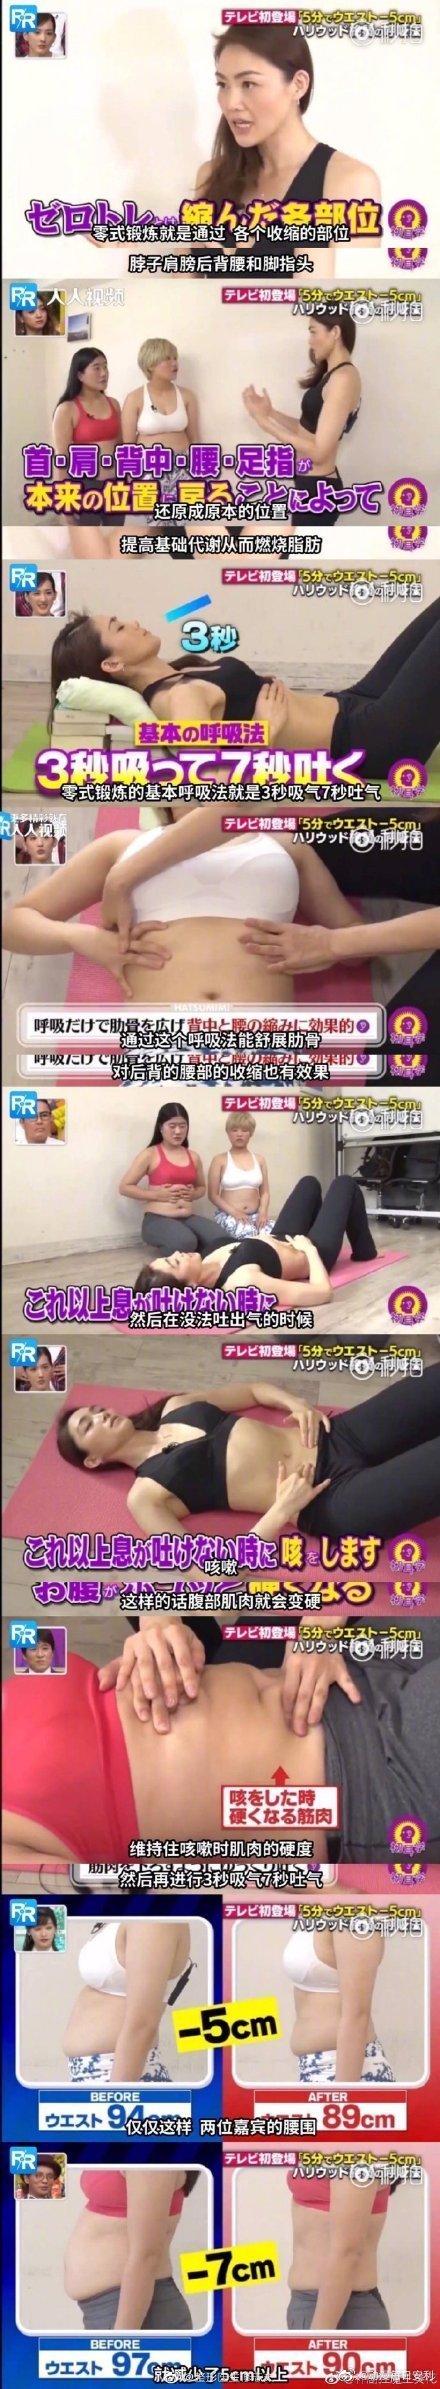 网友总结了日本综艺中奇奇怪怪的变美技巧,黑眼圈双下巴,瘦脸